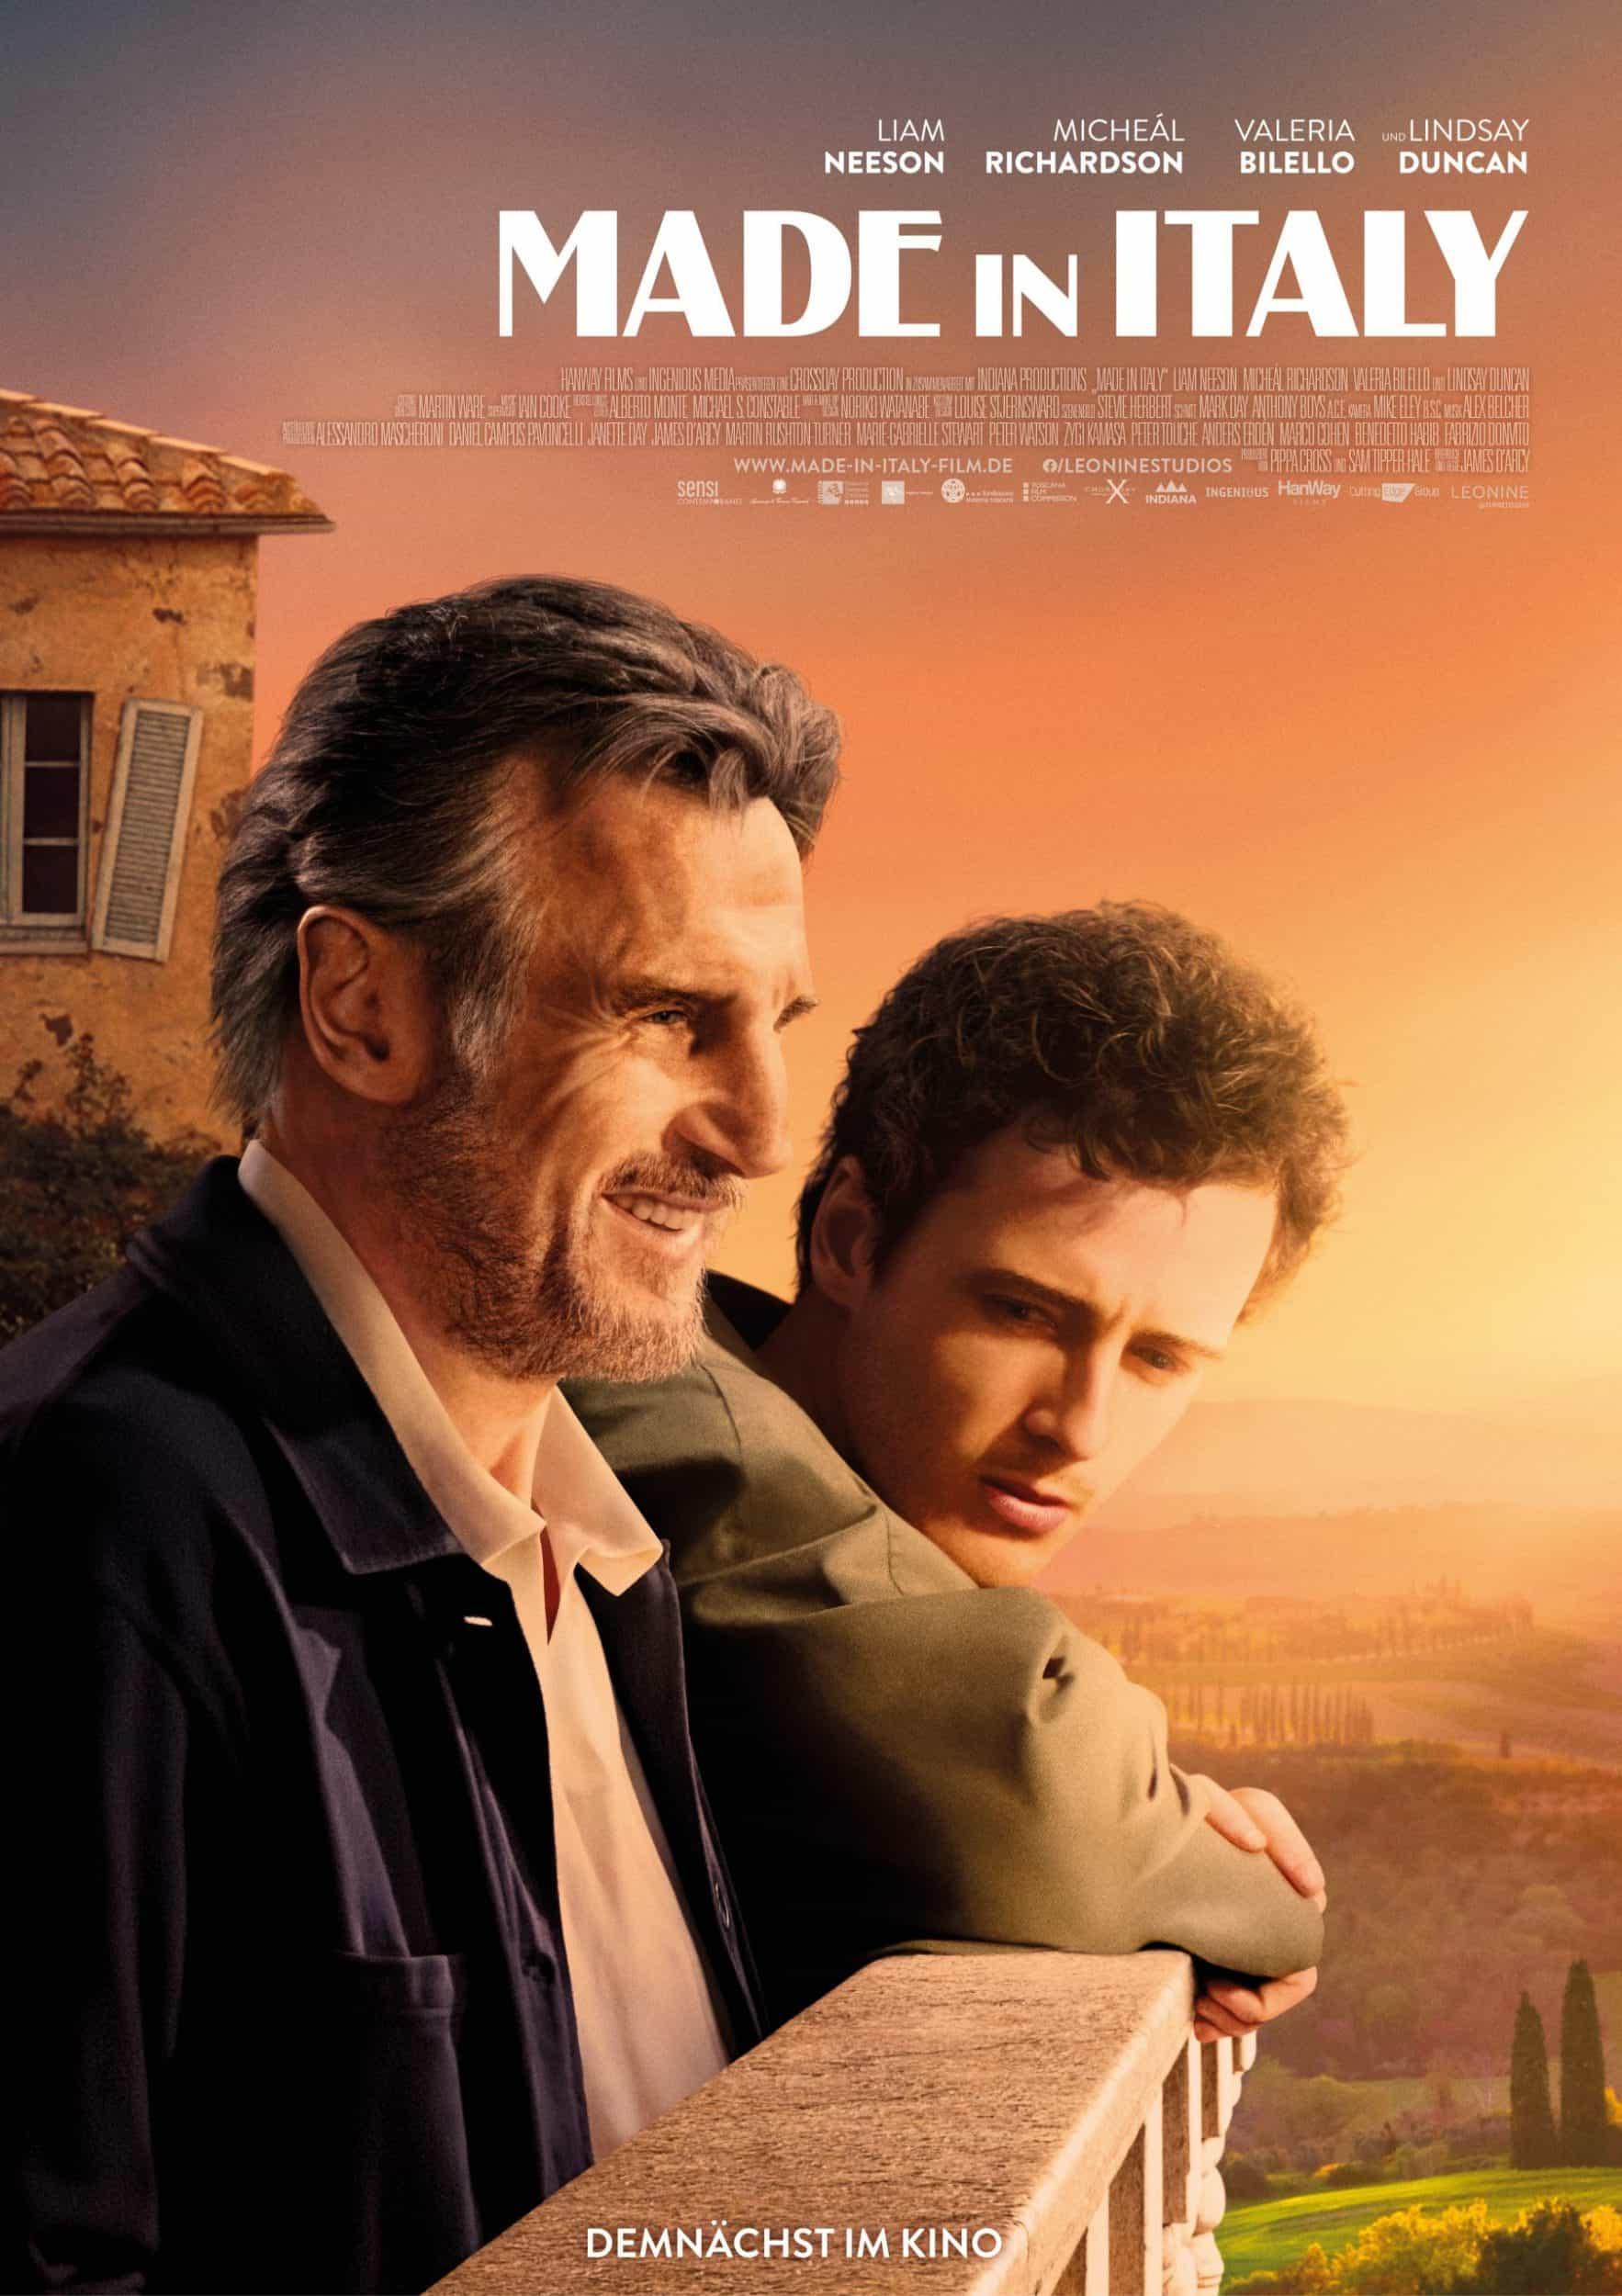 Made In Italy | Ab 25. Juni 2021 als DVD, Blu-ray und Download erhältlich